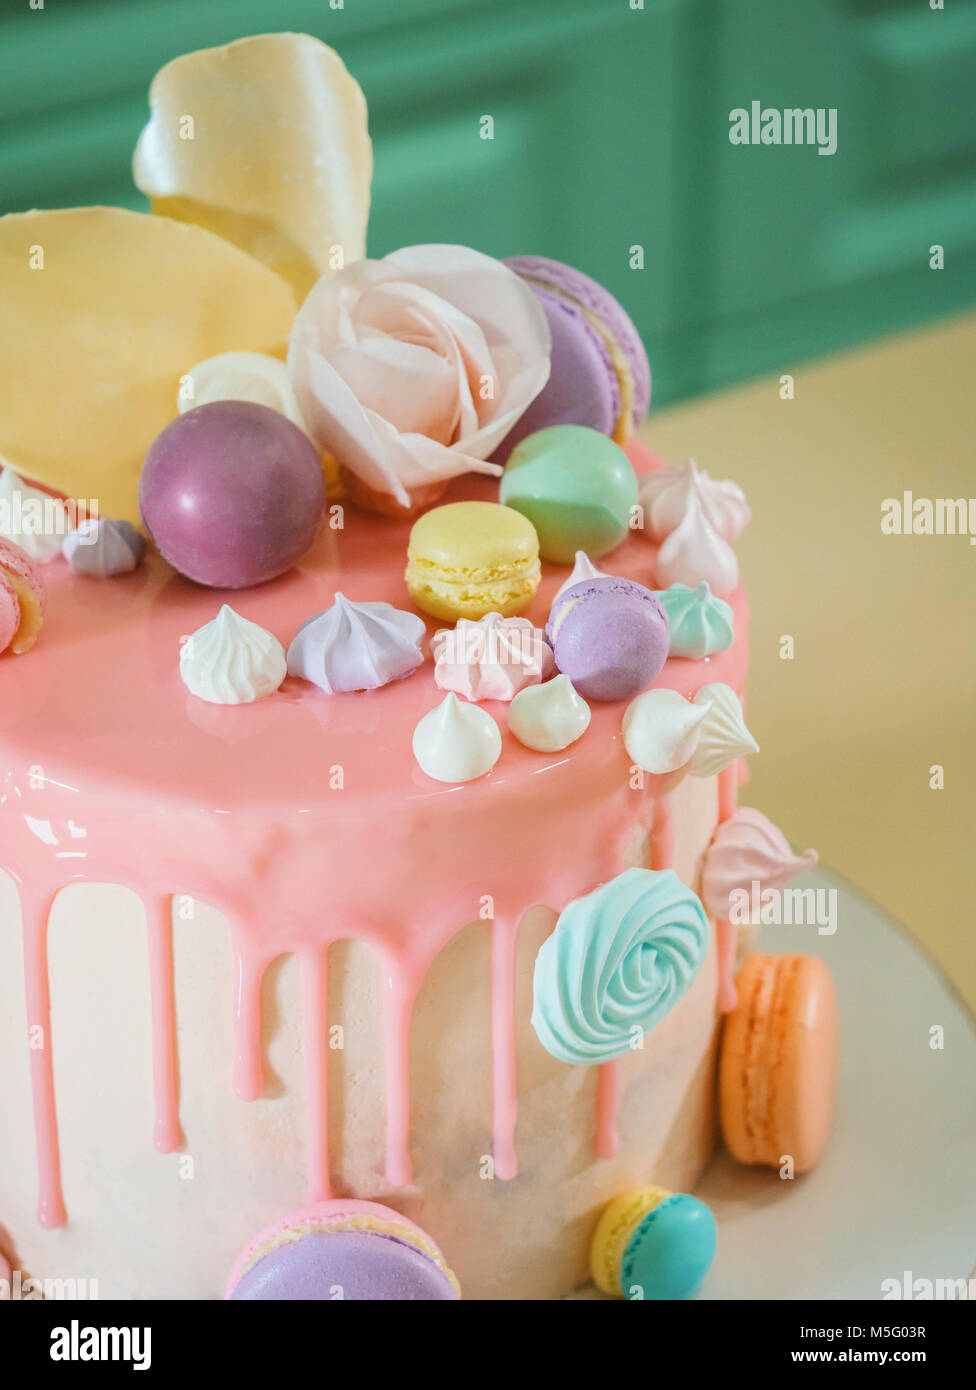 https www alamyimages fr photo image rose mousse recouverte de velours chocolat et glacage miroir decore avec des meringues macarons et roses 175528299 html